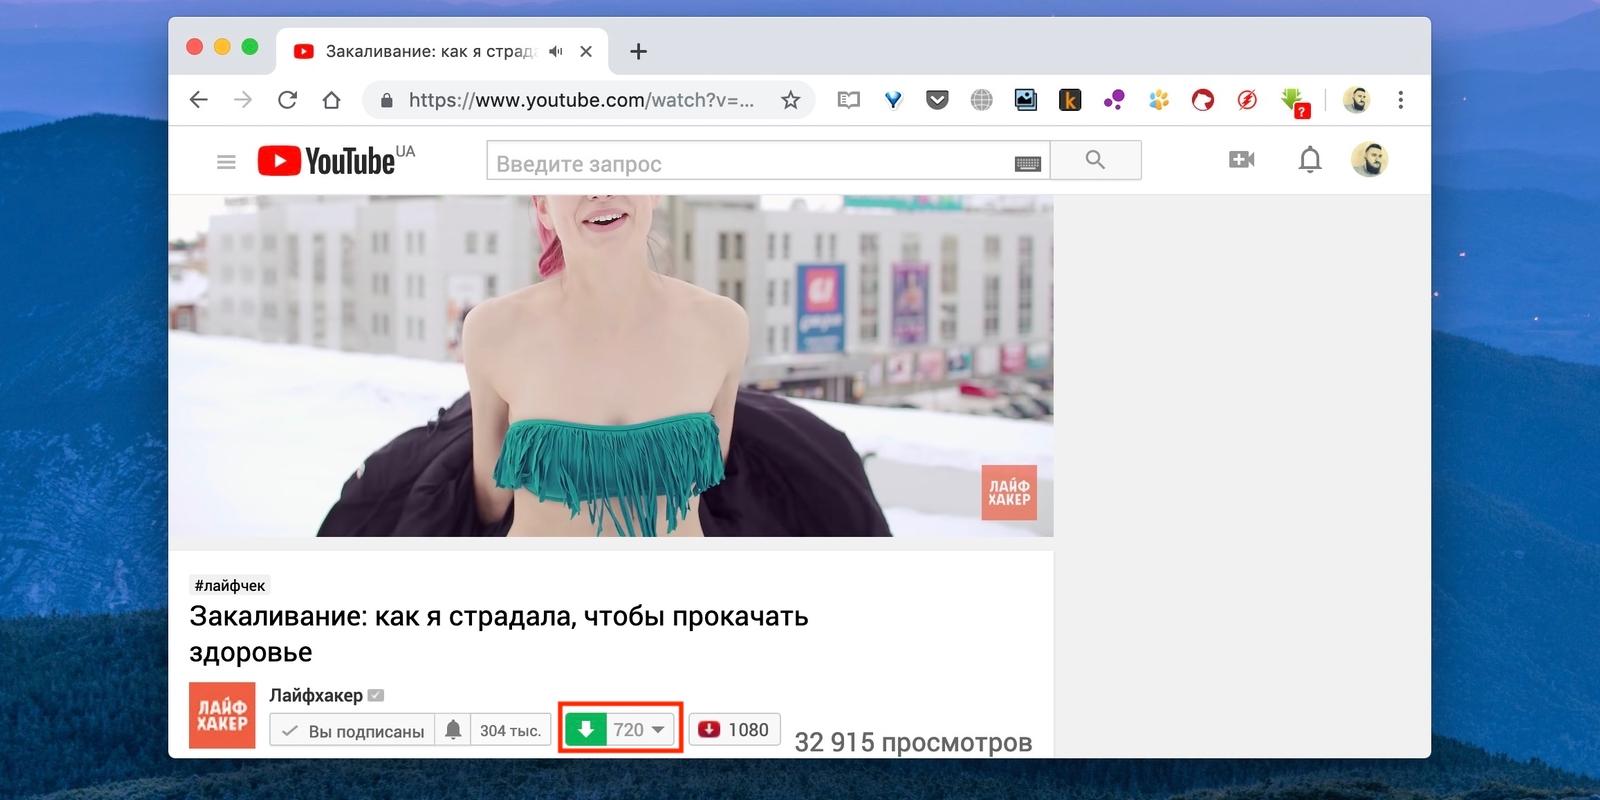 https://kinotorr.com/uploads/posts/2019-03/1552388829_akusherka-novaya-zhizn-2-sezon.jpg